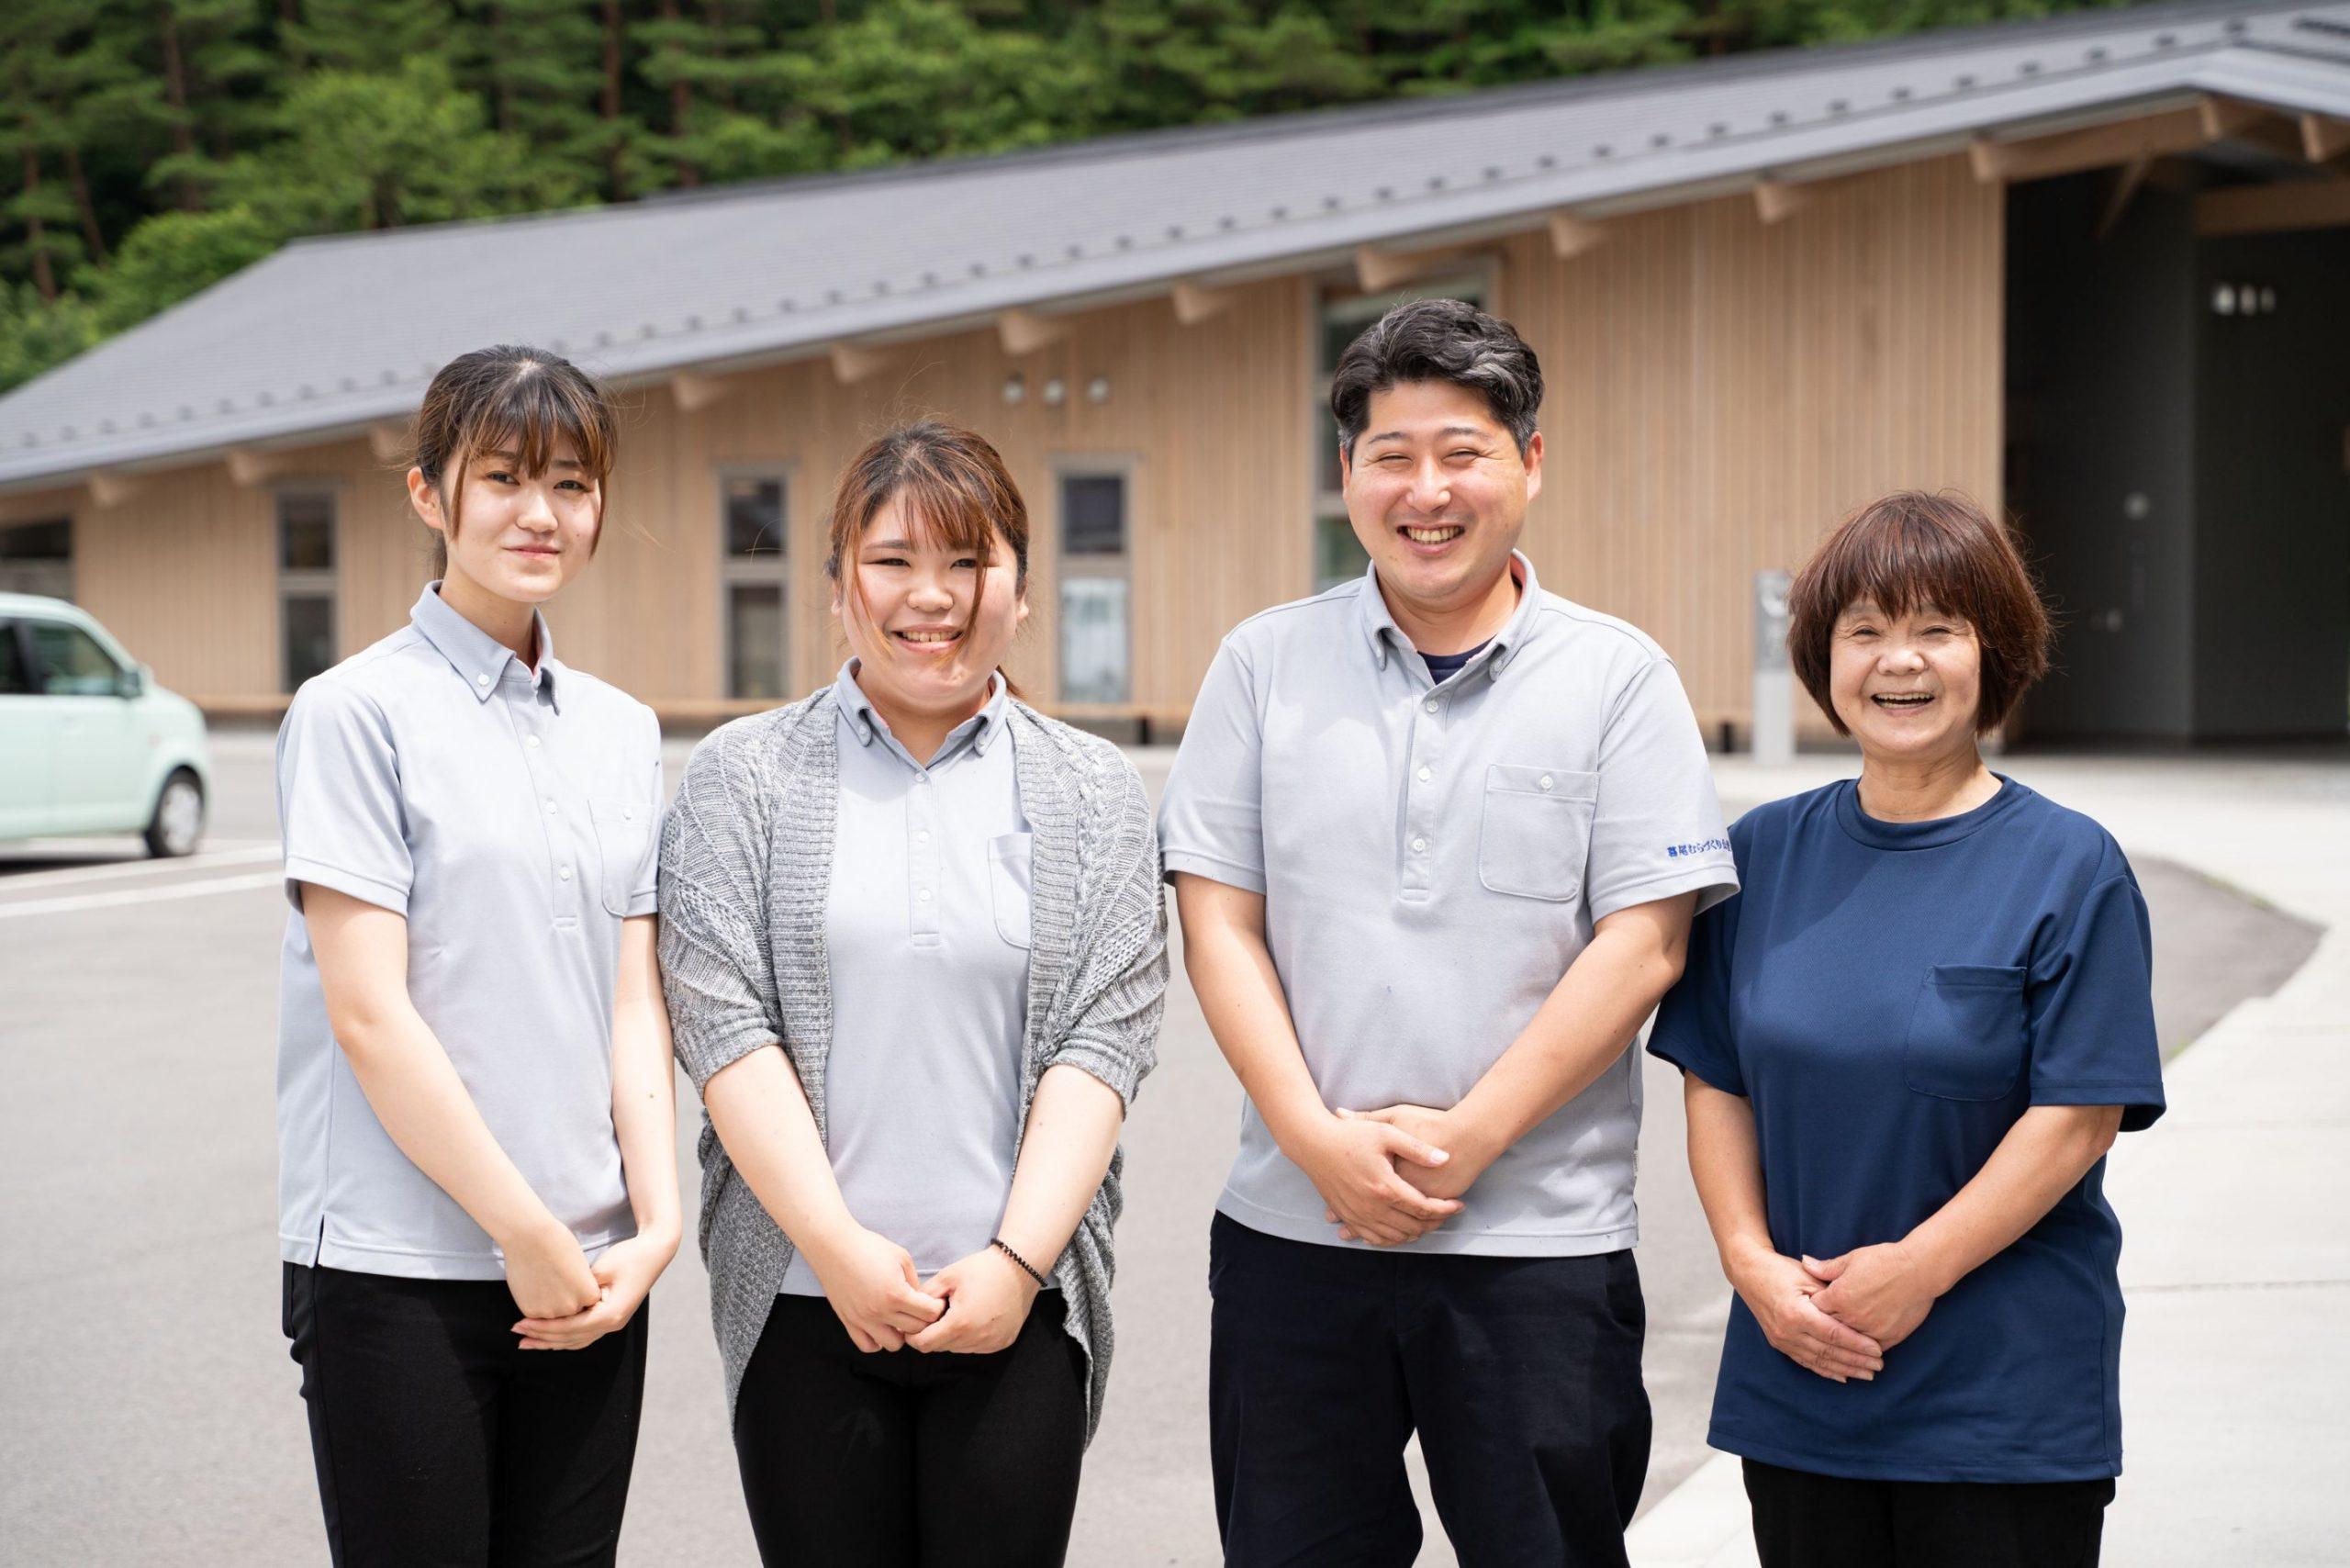 """【インタビュー】人口440人、可能性は無限大。福島県葛尾村の「地域プロジェクトマネージャー」だからできる""""復興の先にあるむらづくり""""とは #仲間募集"""